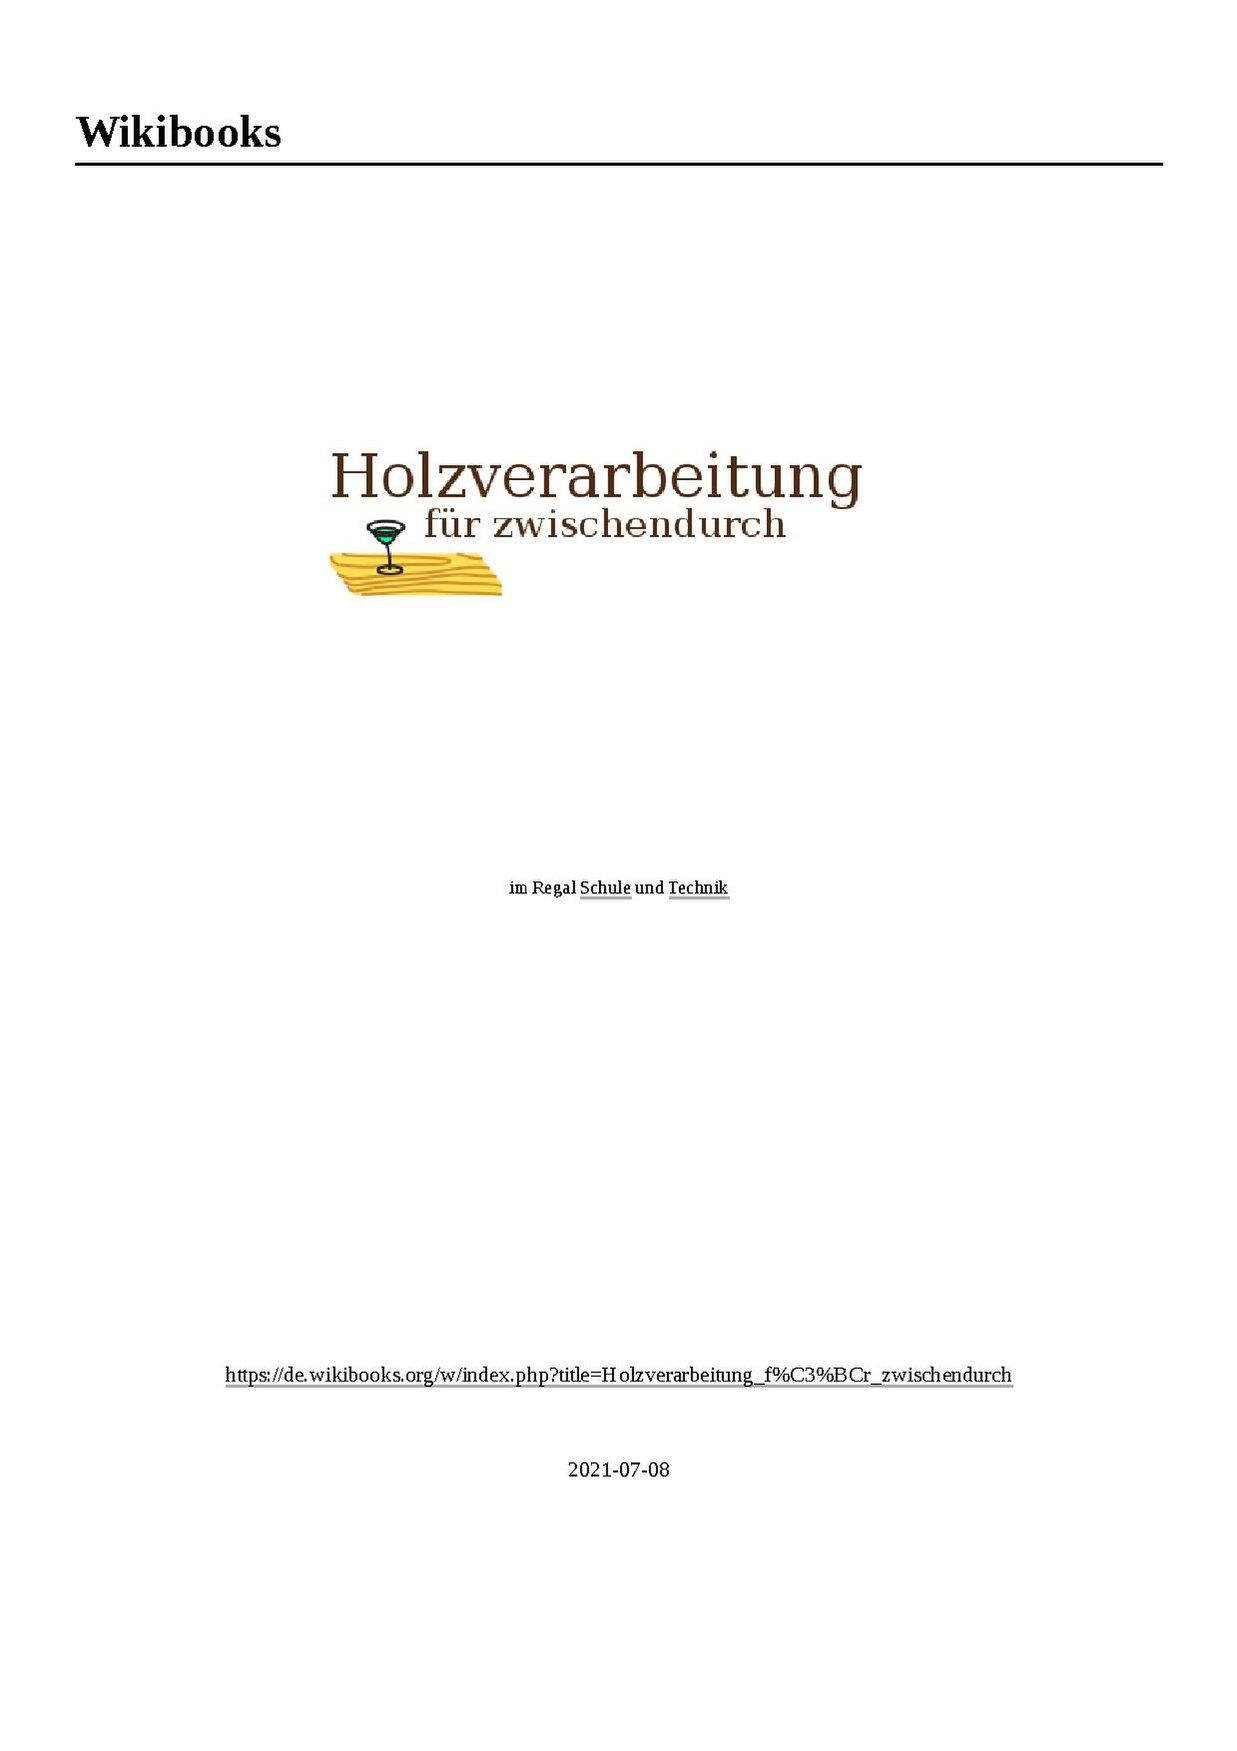 File:Holzverarbeitung fr zwischendurch.pdf - Wikimedia Commons